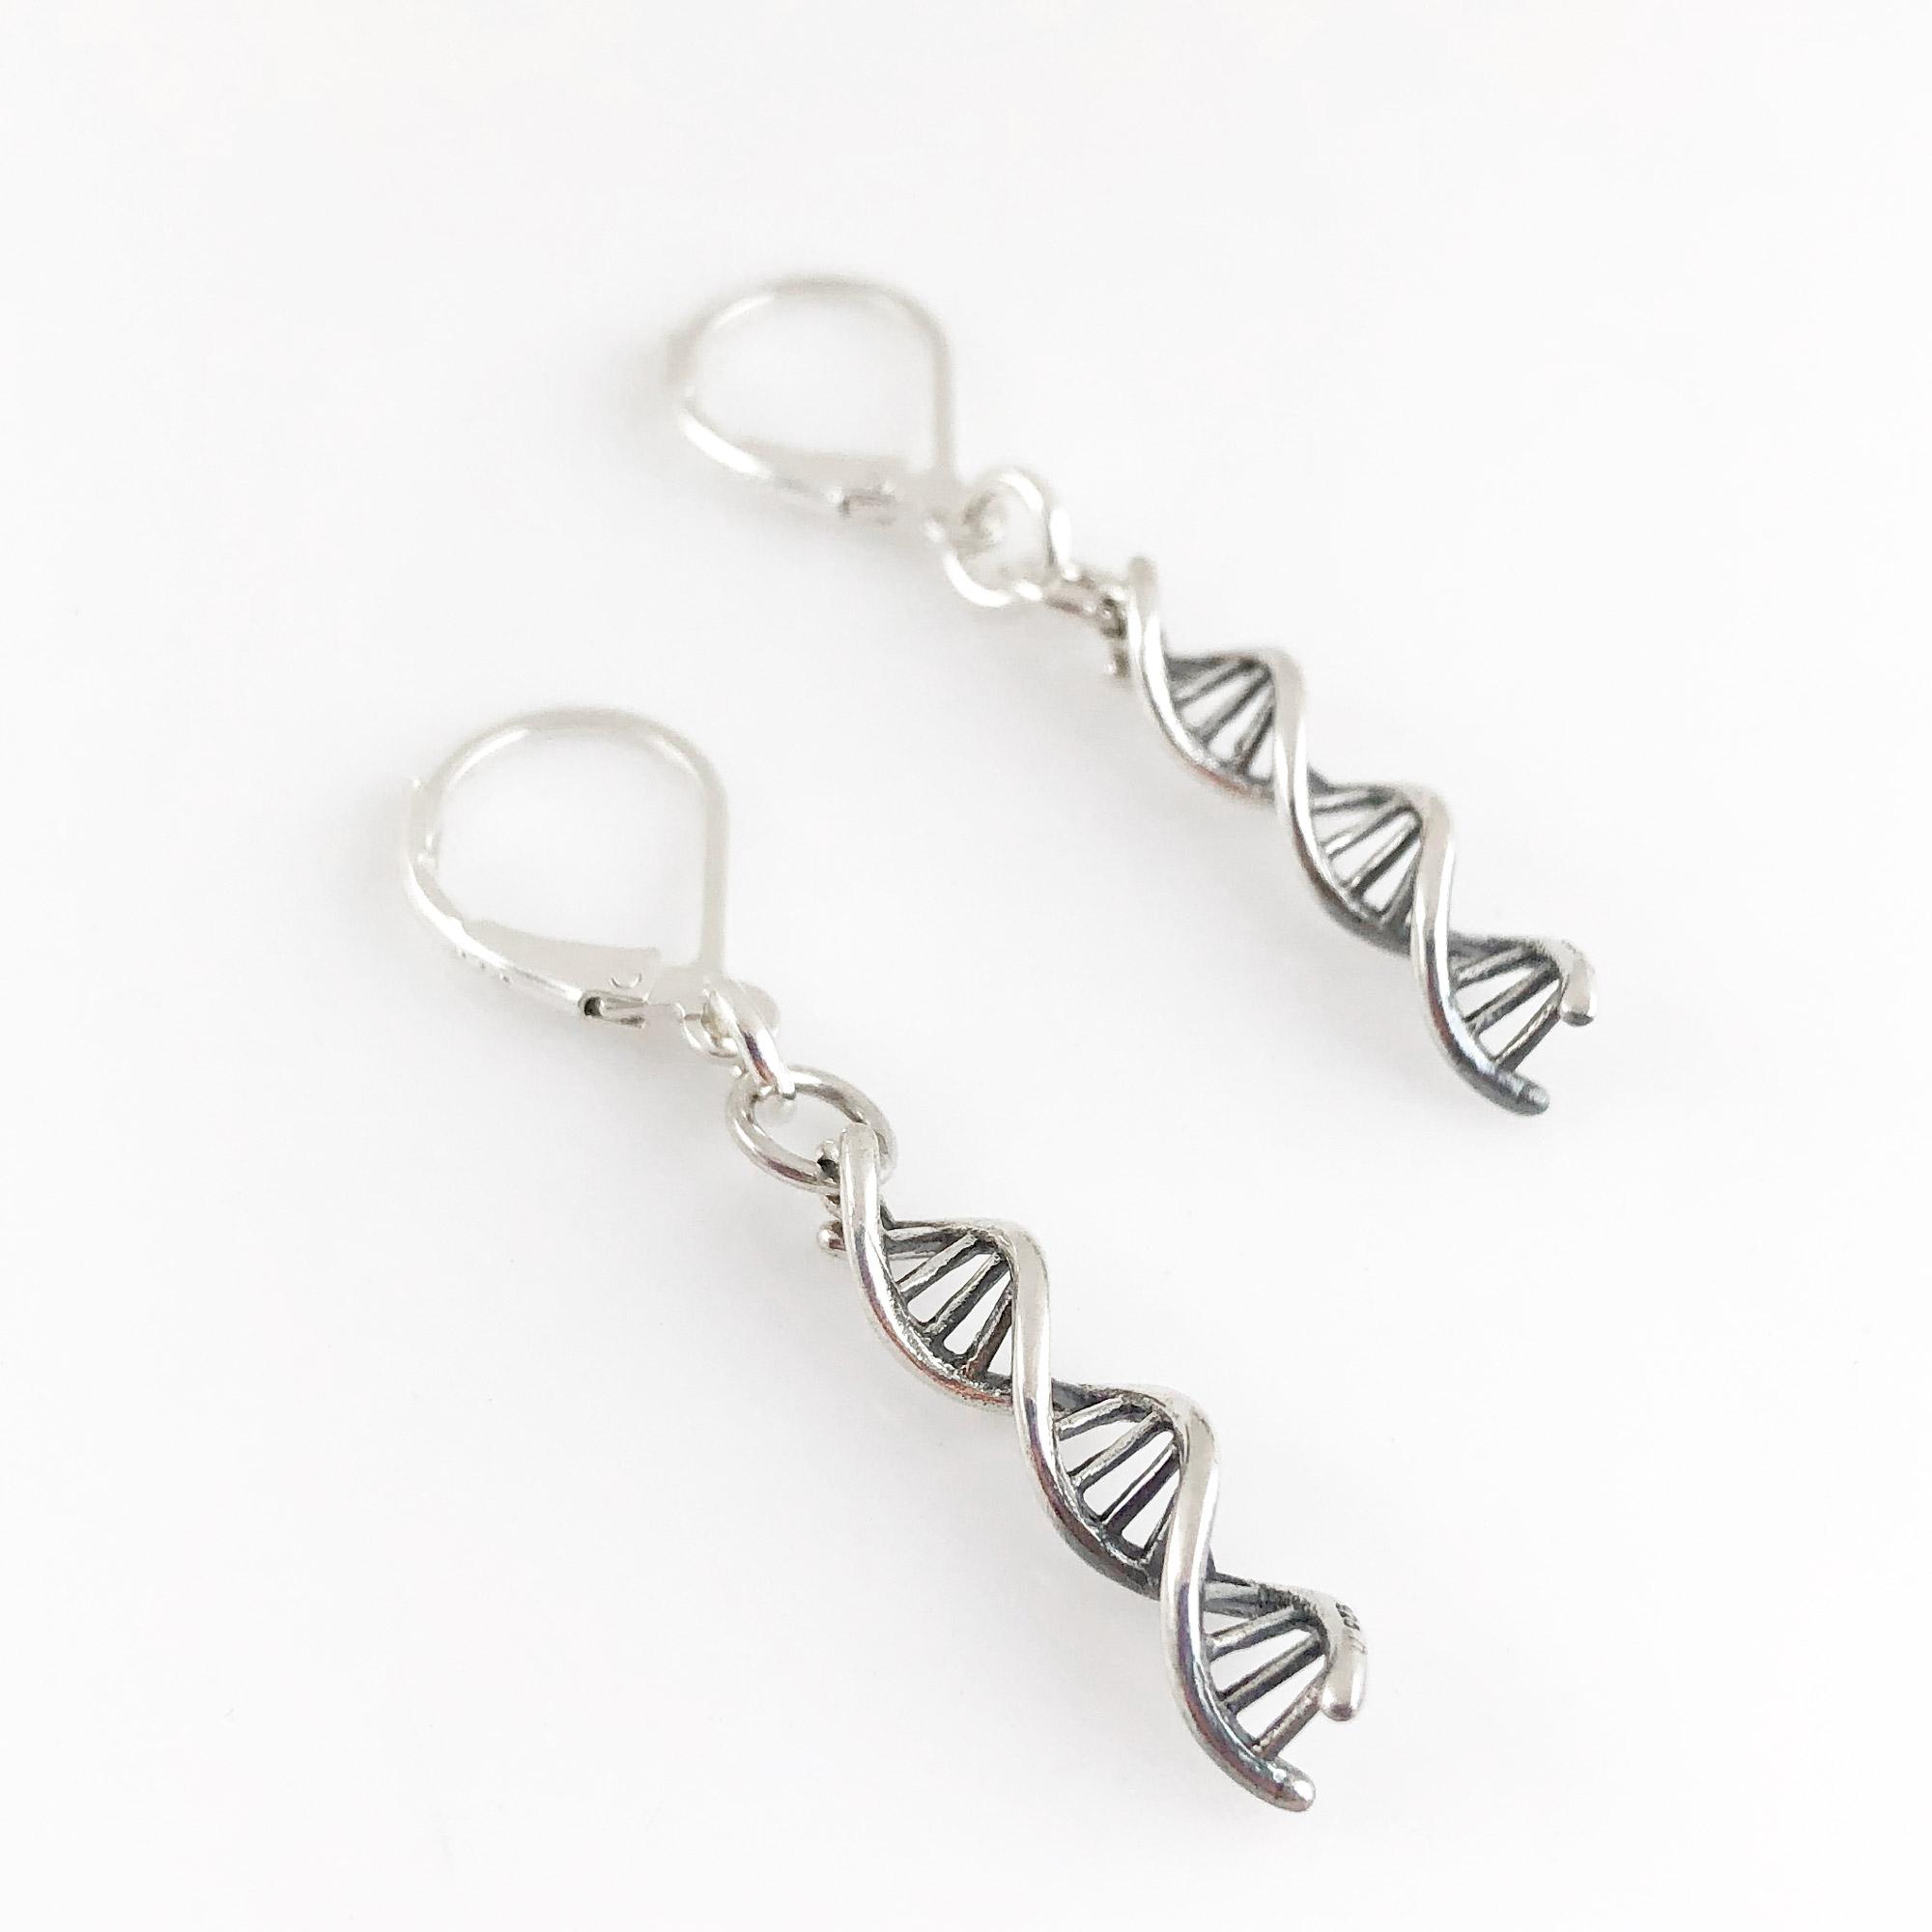 DNA Double Helix Sterling Silver Earrings